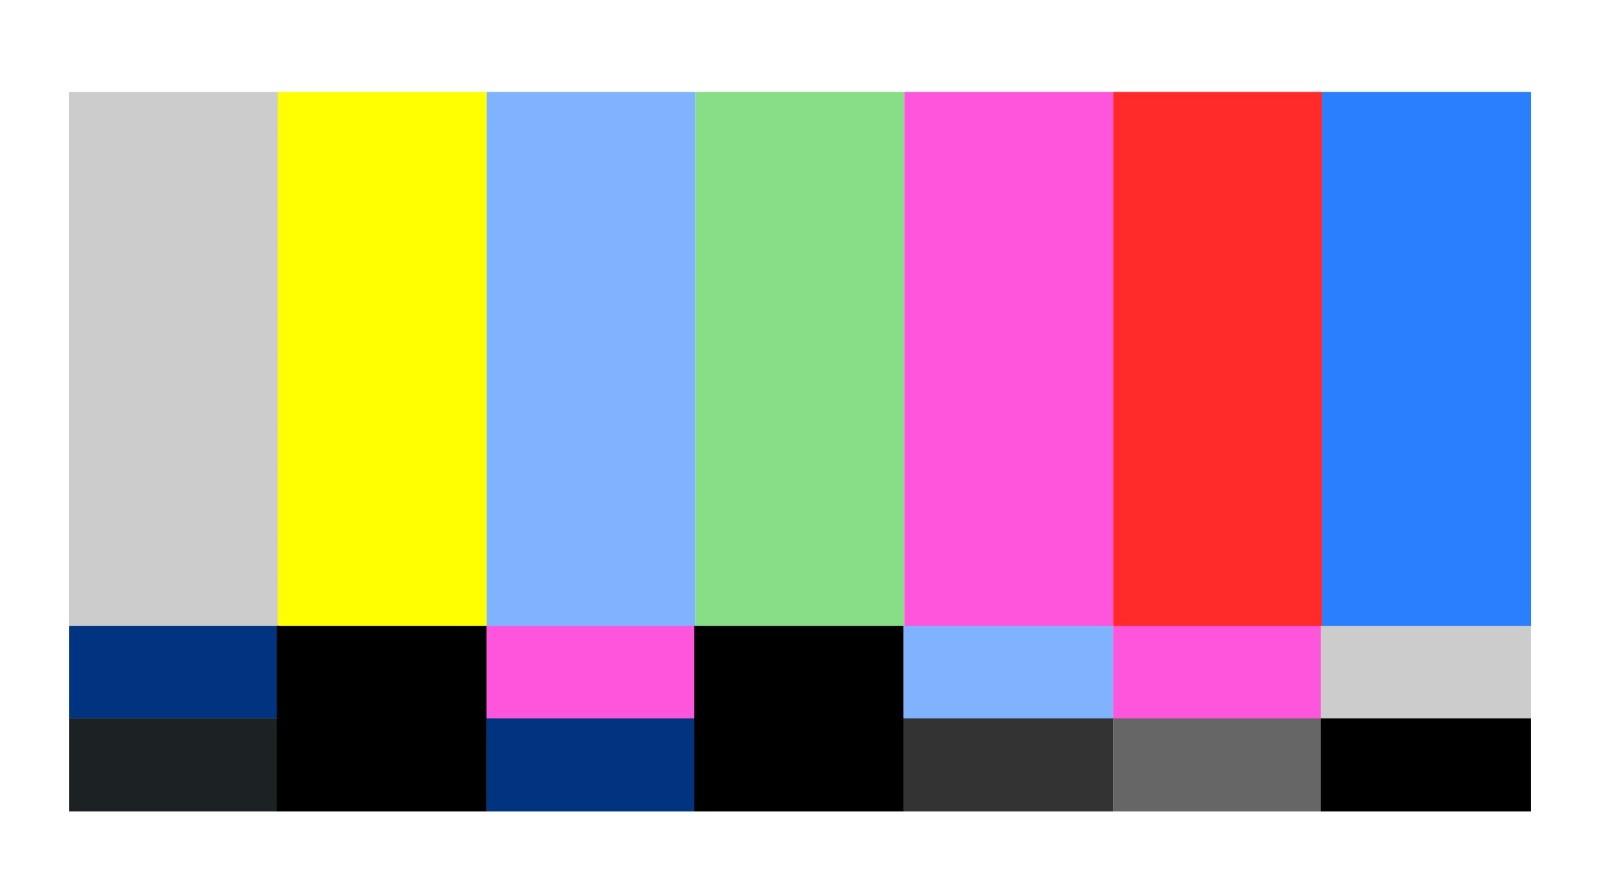 color-bars20200528(1)